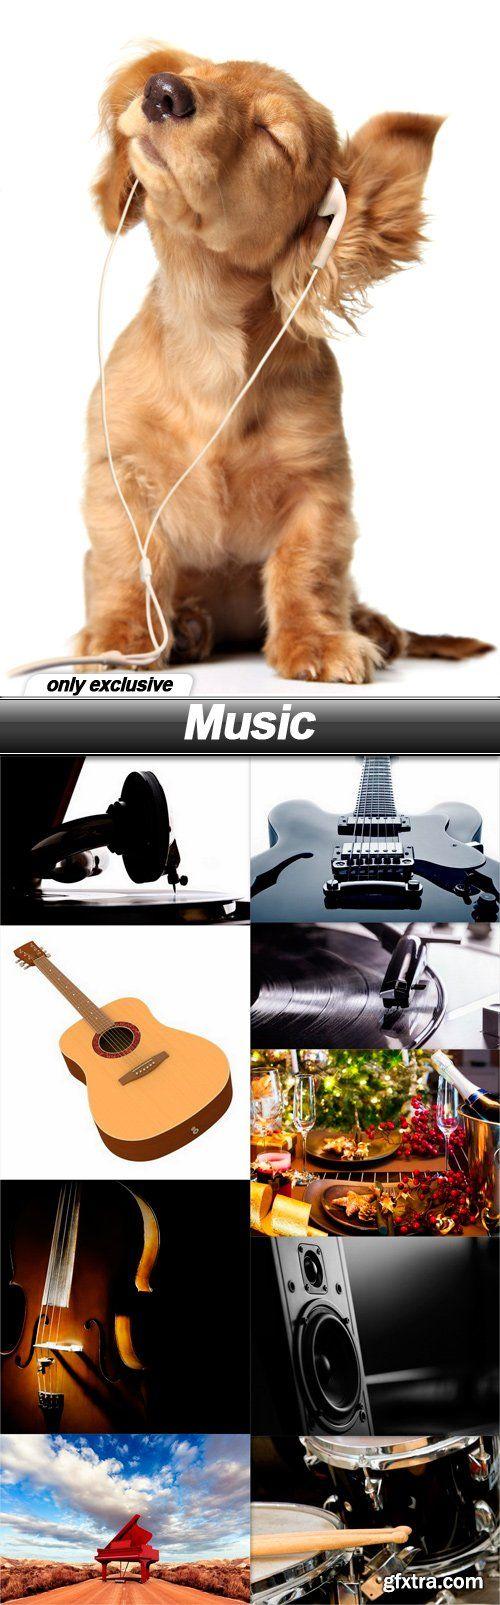 Music - 10 UHQ JPEG